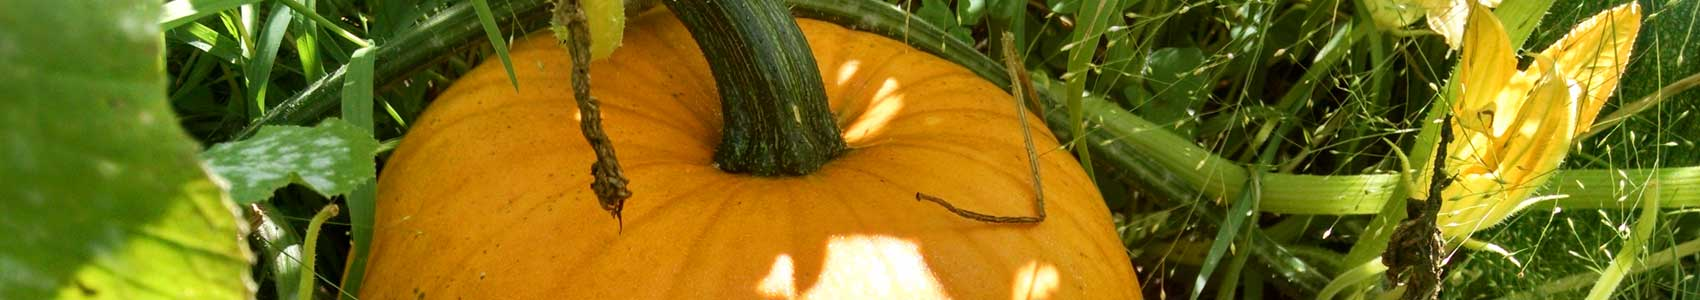 pumpkinsforsale